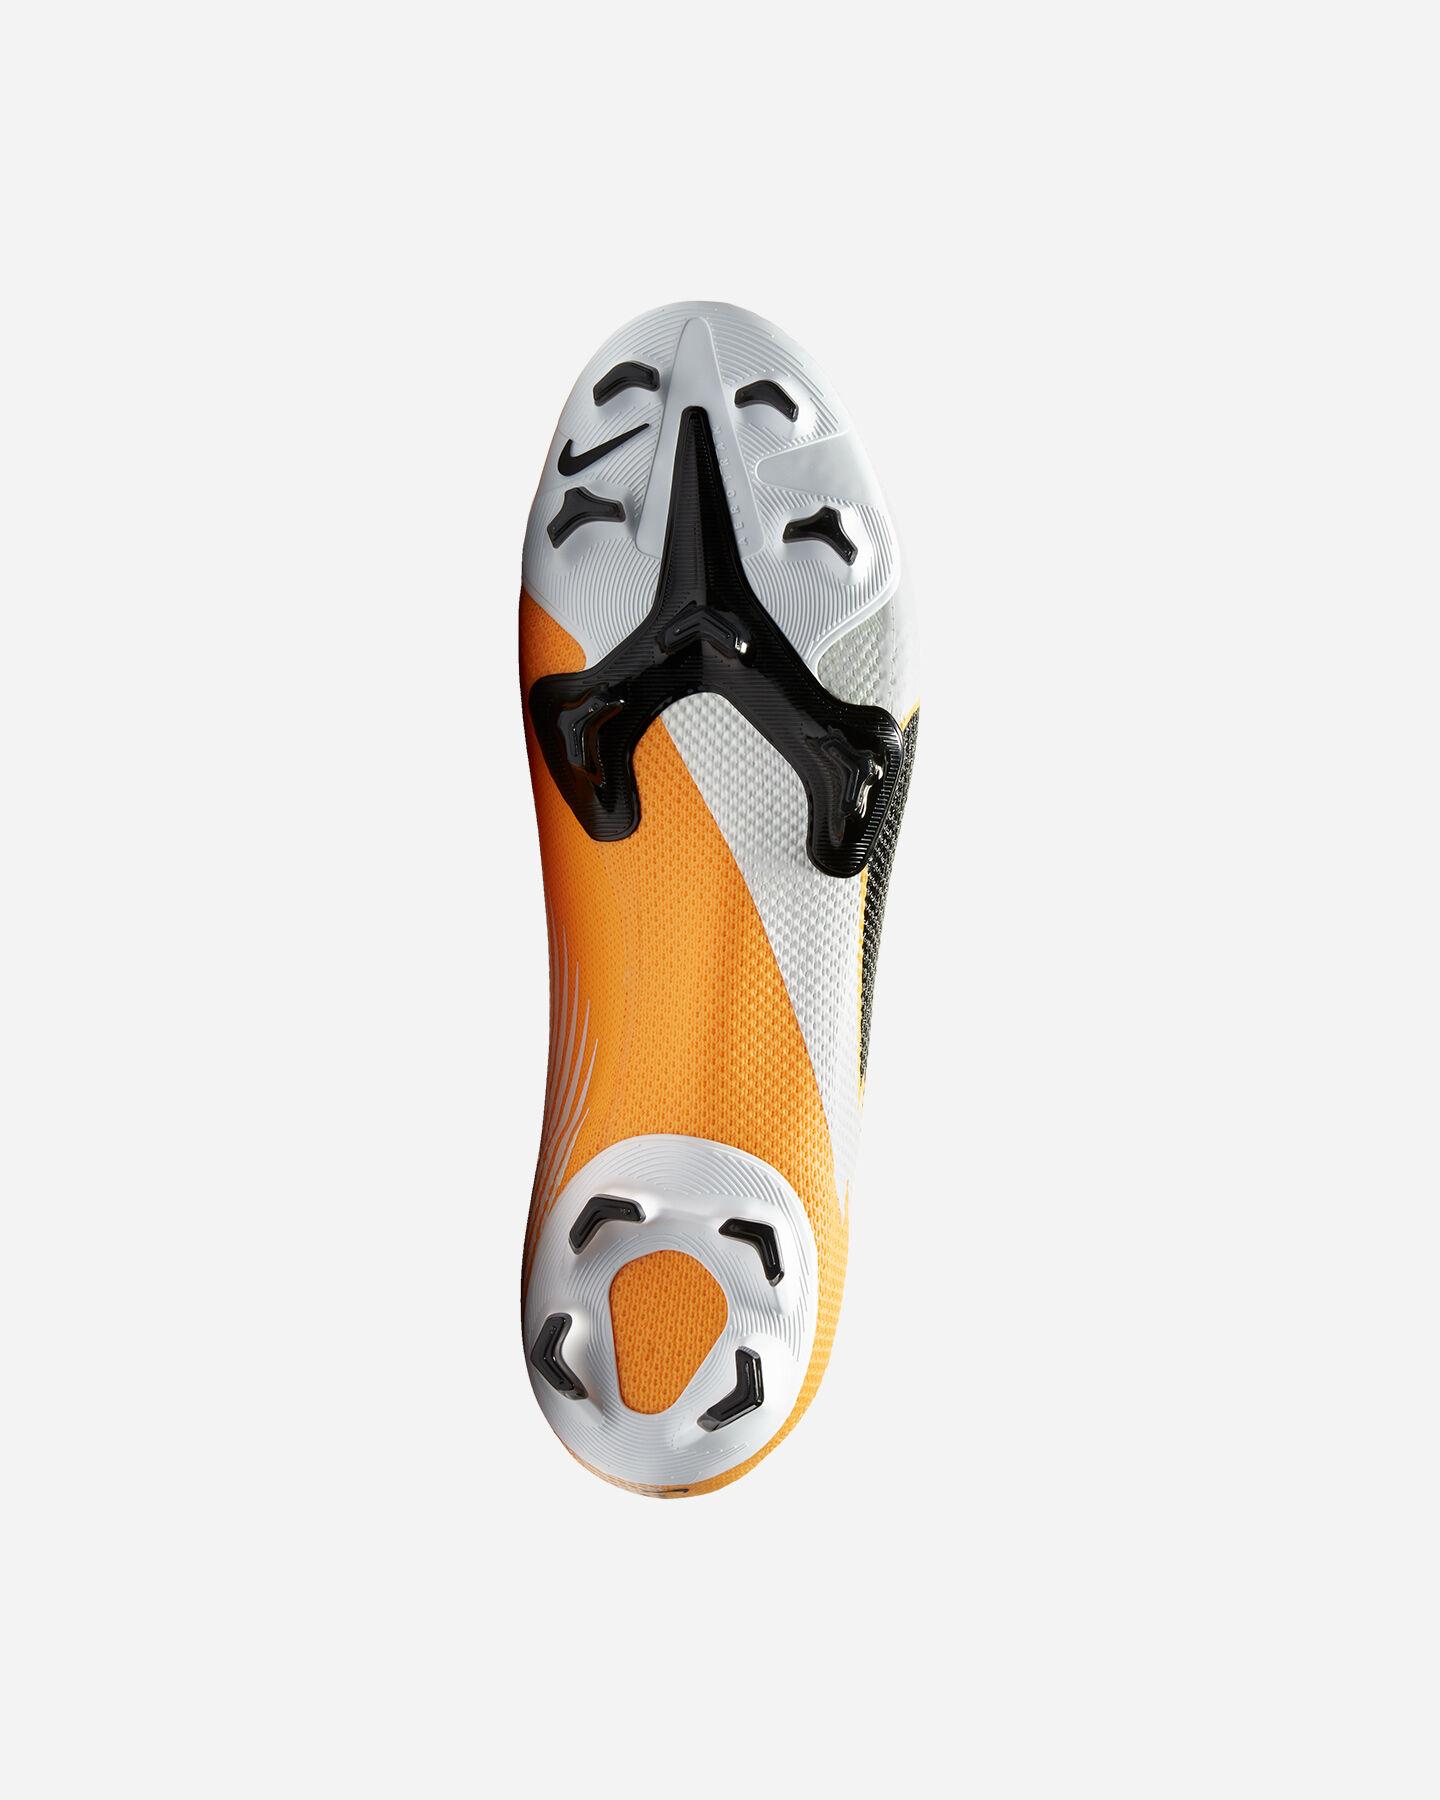 Scarpe calcio NIKE MERCURIAL SUPERFLY 7 PRO FG M S5223727 scatto 2